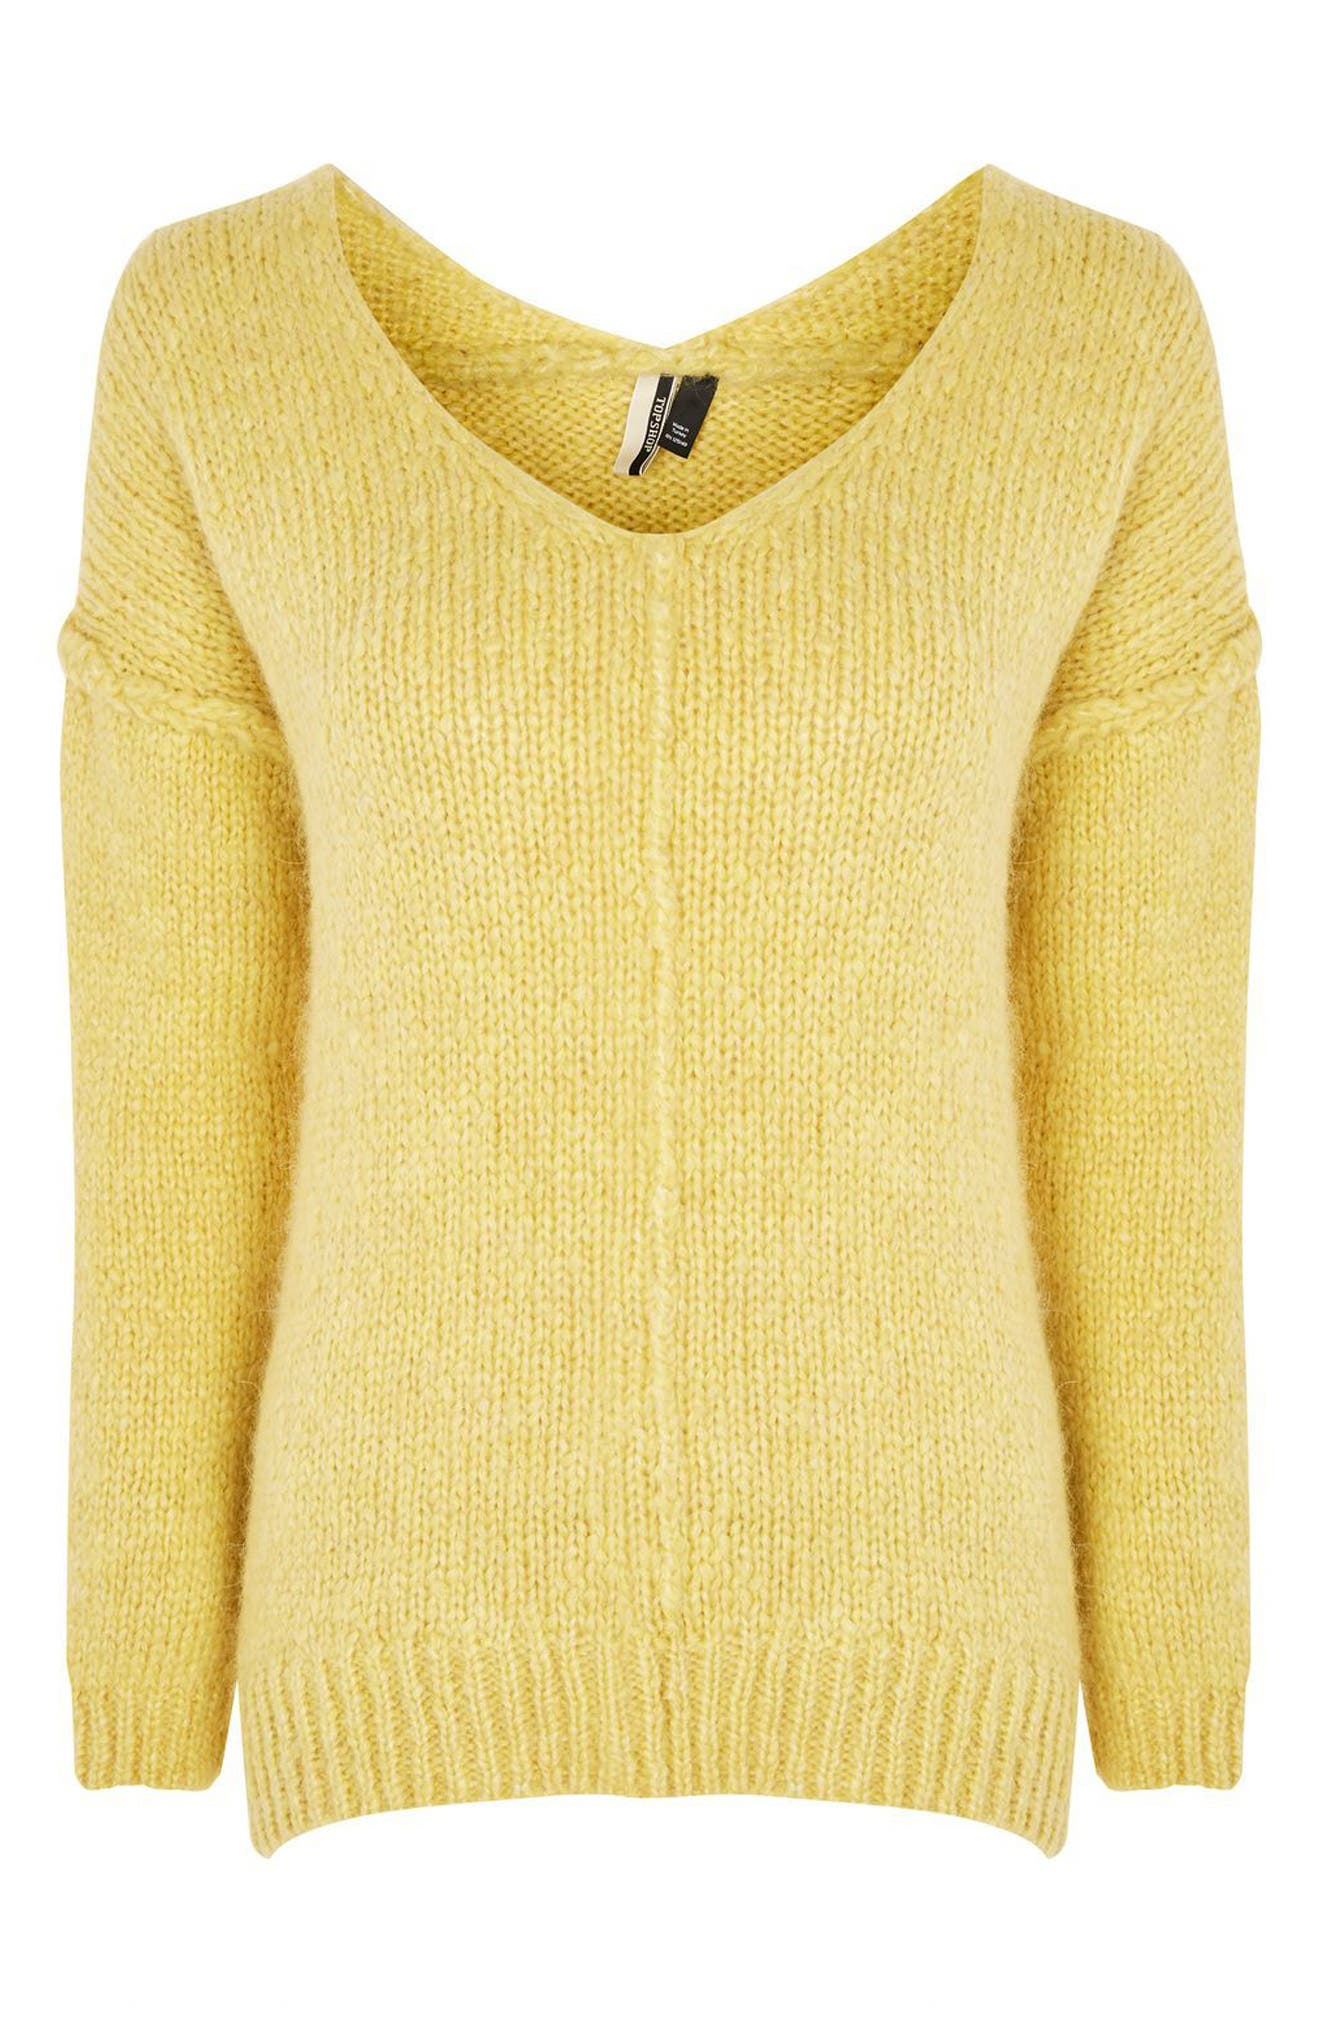 Oversize V-Neck Sweater,                             Alternate thumbnail 3, color,                             700